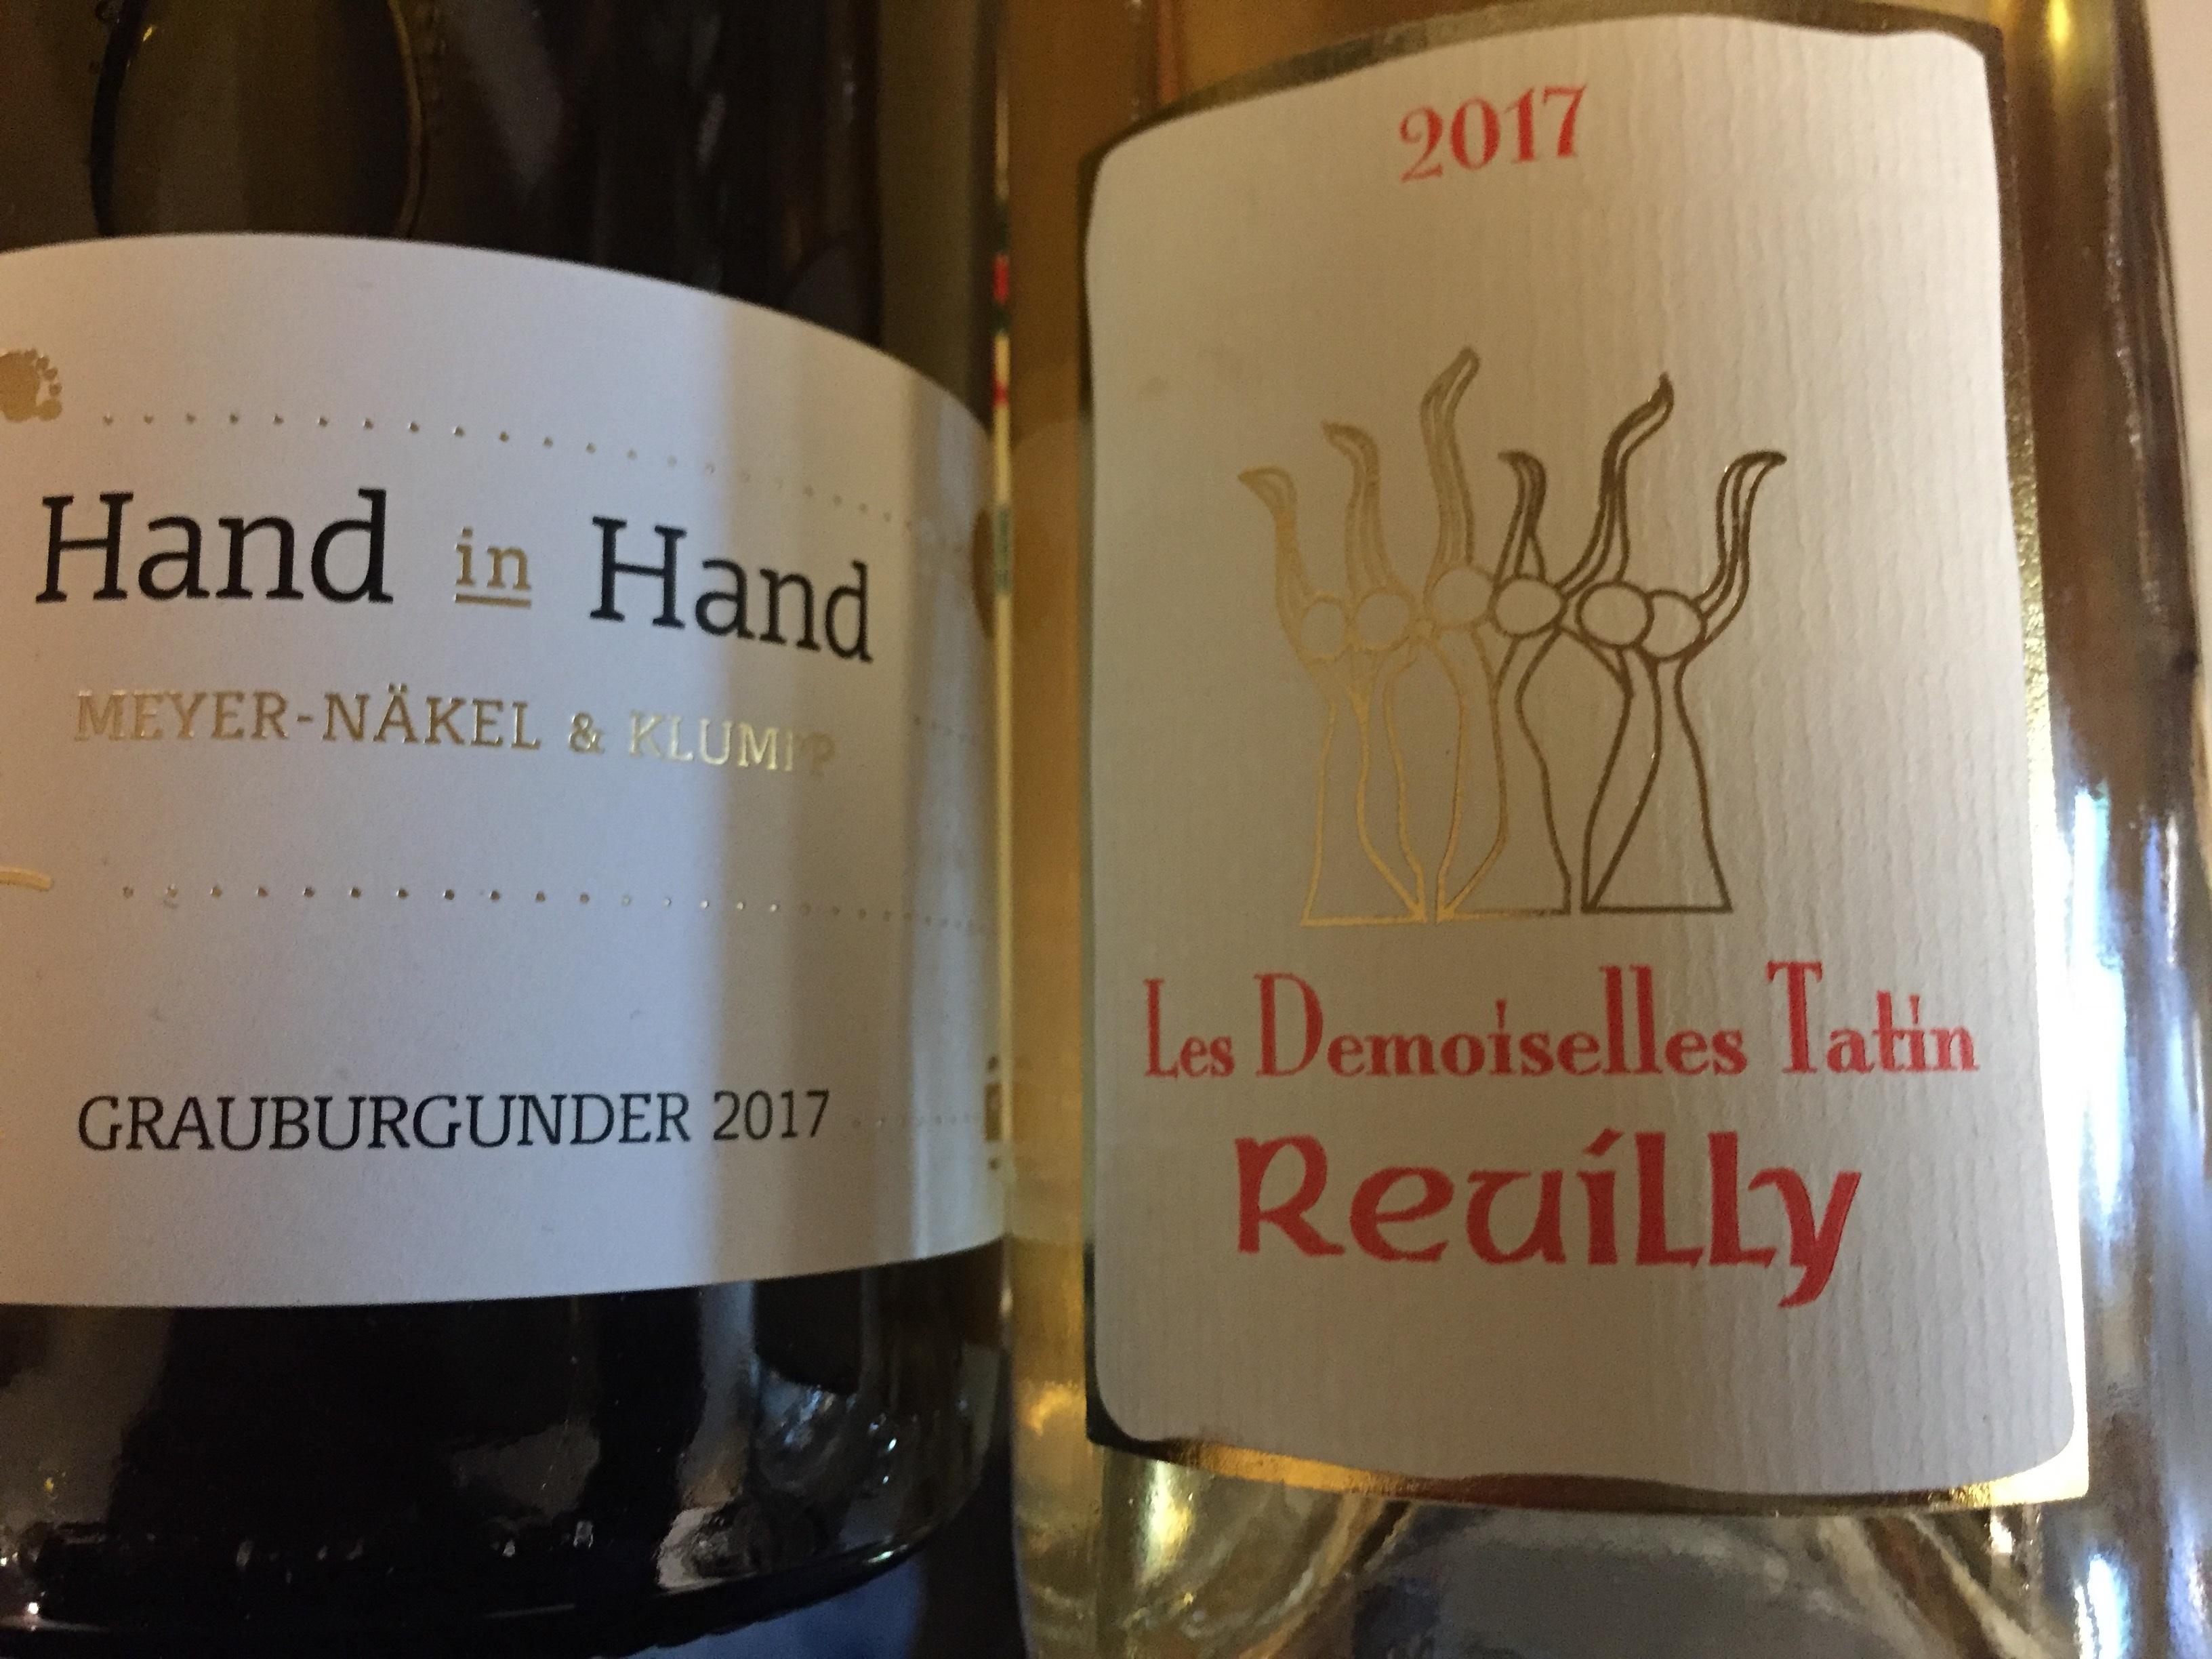 Pinot Gris in the spotlight: Reuilly & Baden, beiden op de Paasproeverij 22 april